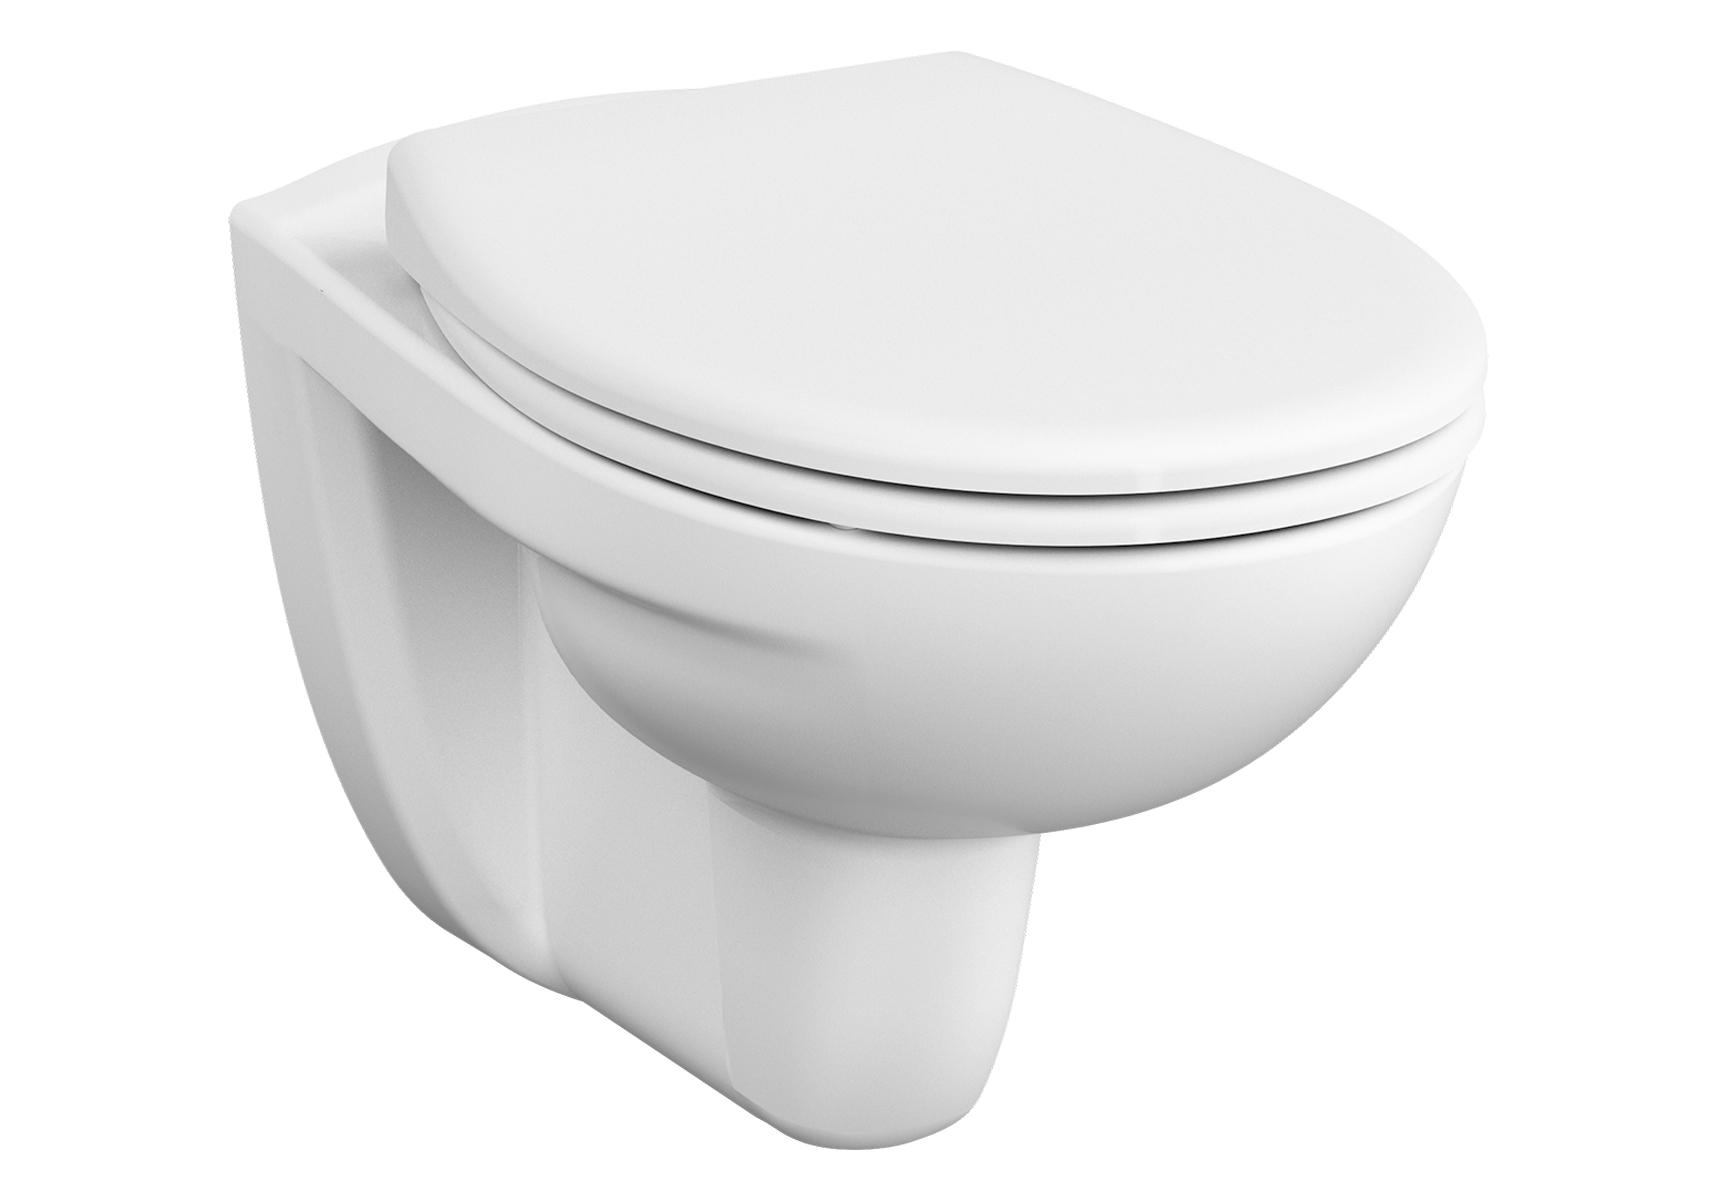 Normus SpinFlush WC suspendu sans bride, 54 cm